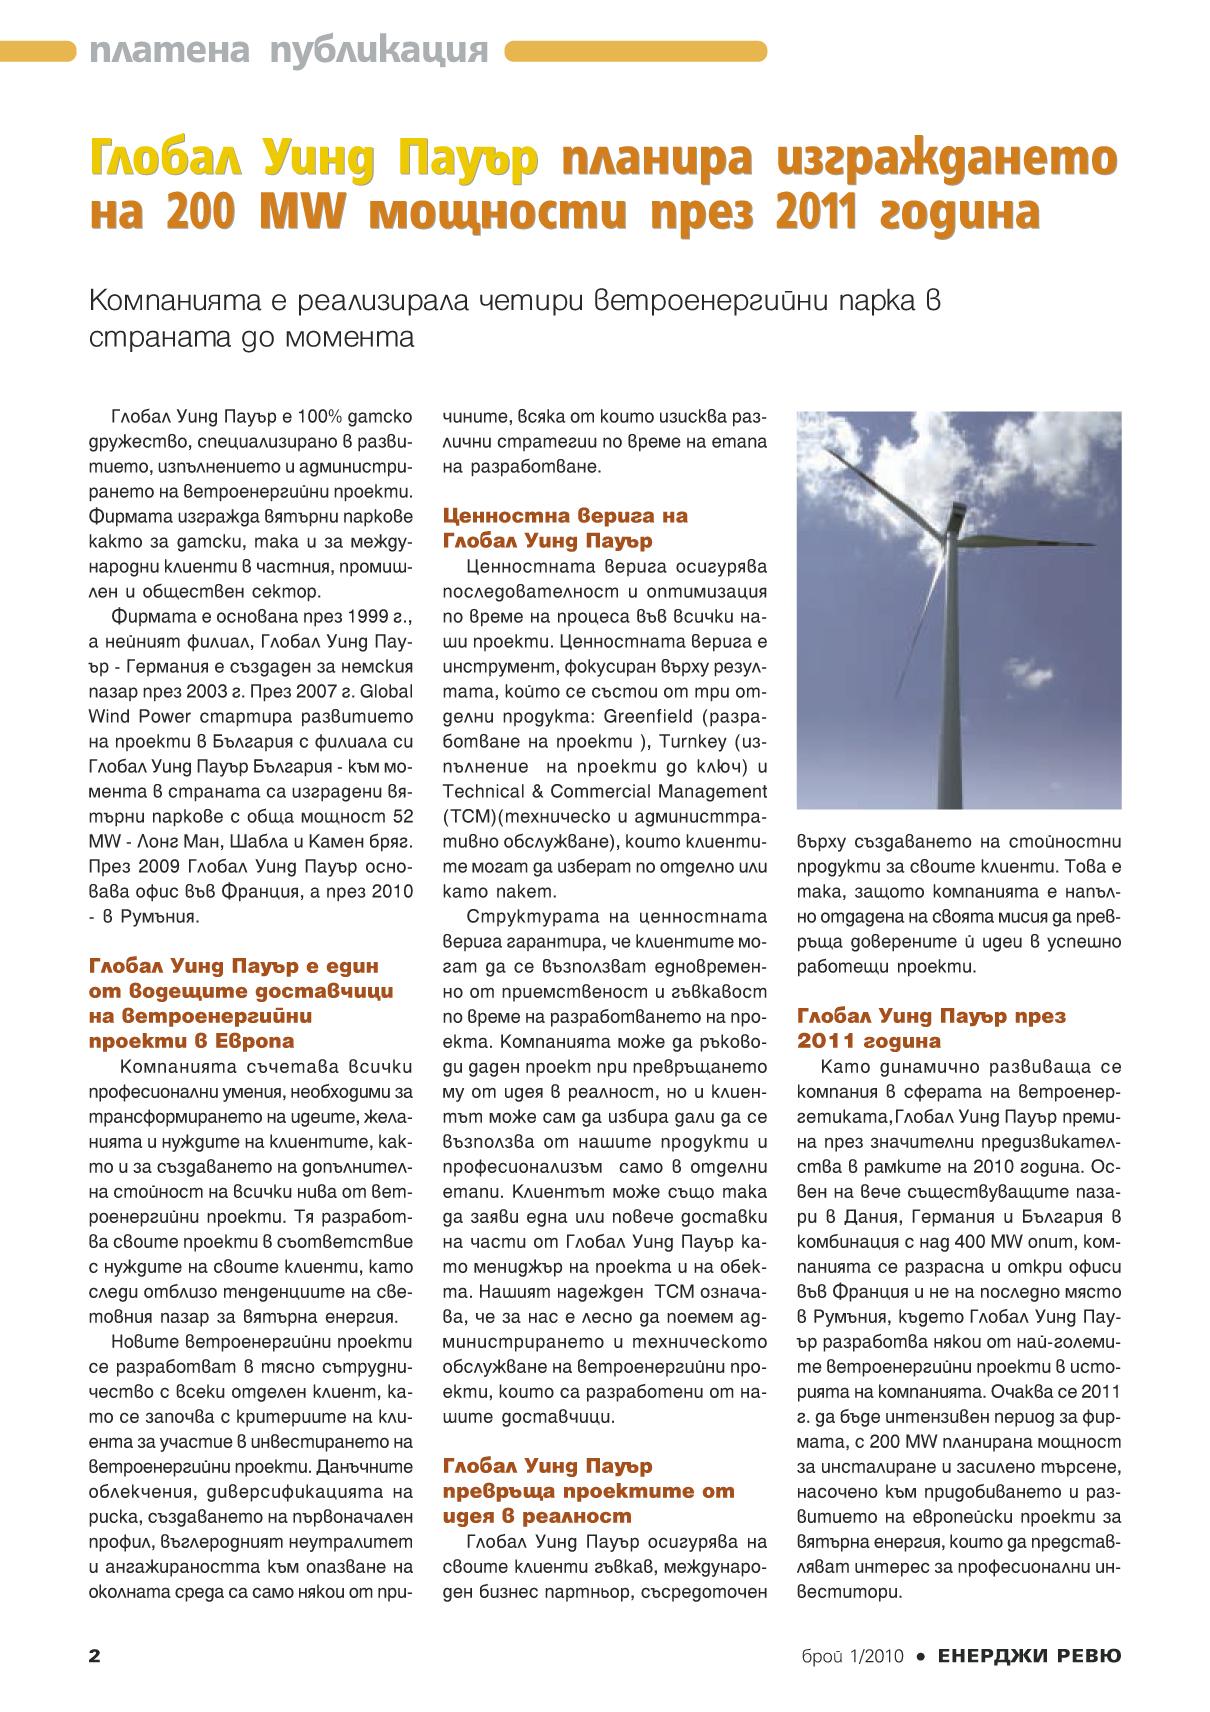 Глобал Уинд Пауър България